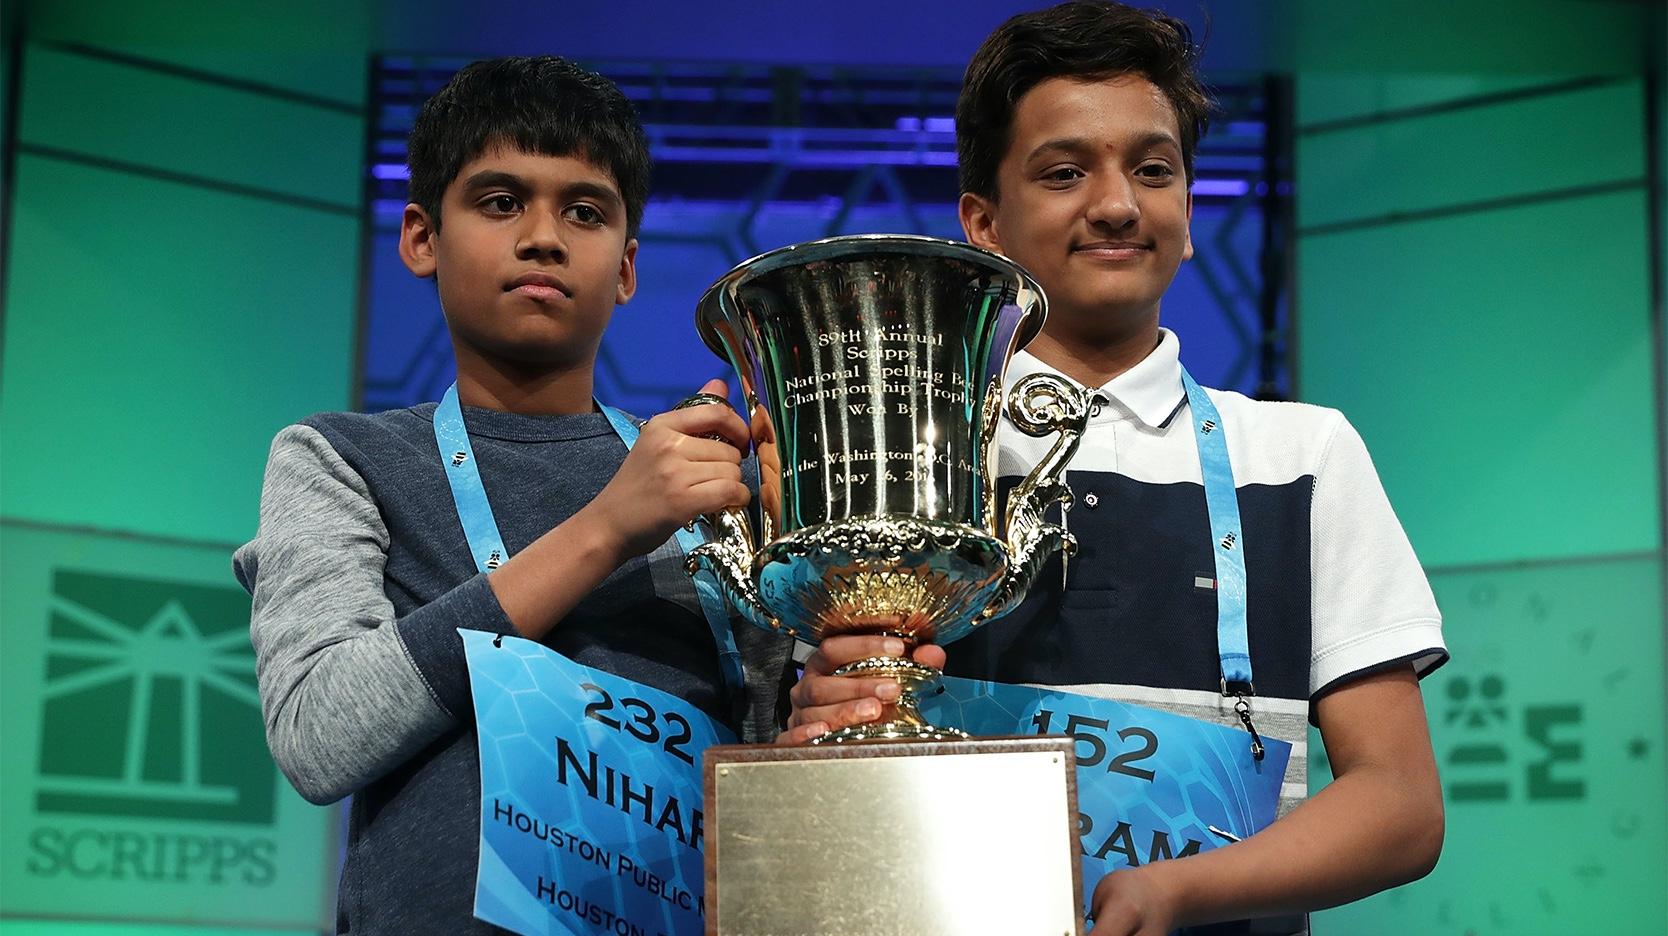 Nihar Janga and Jairam Hathwar Scripps National Spelling Bee champions 2016